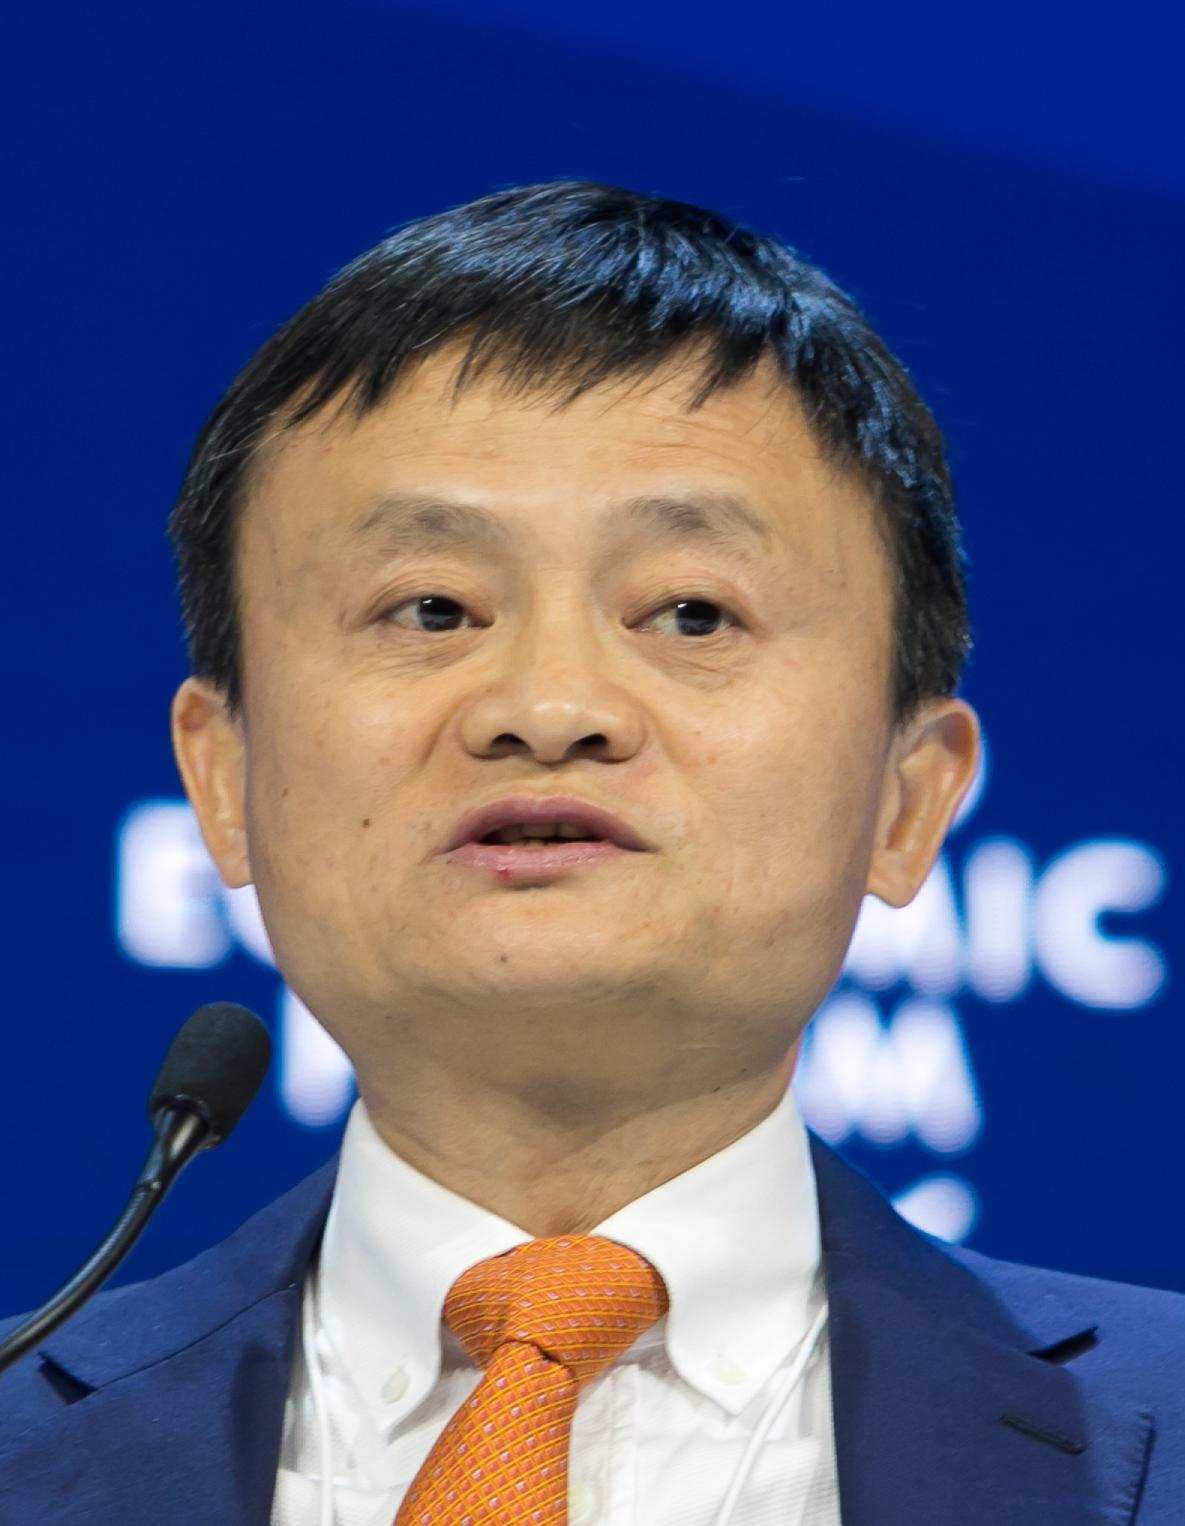 Veja o que saiu no Migalhas sobre Jack Ma